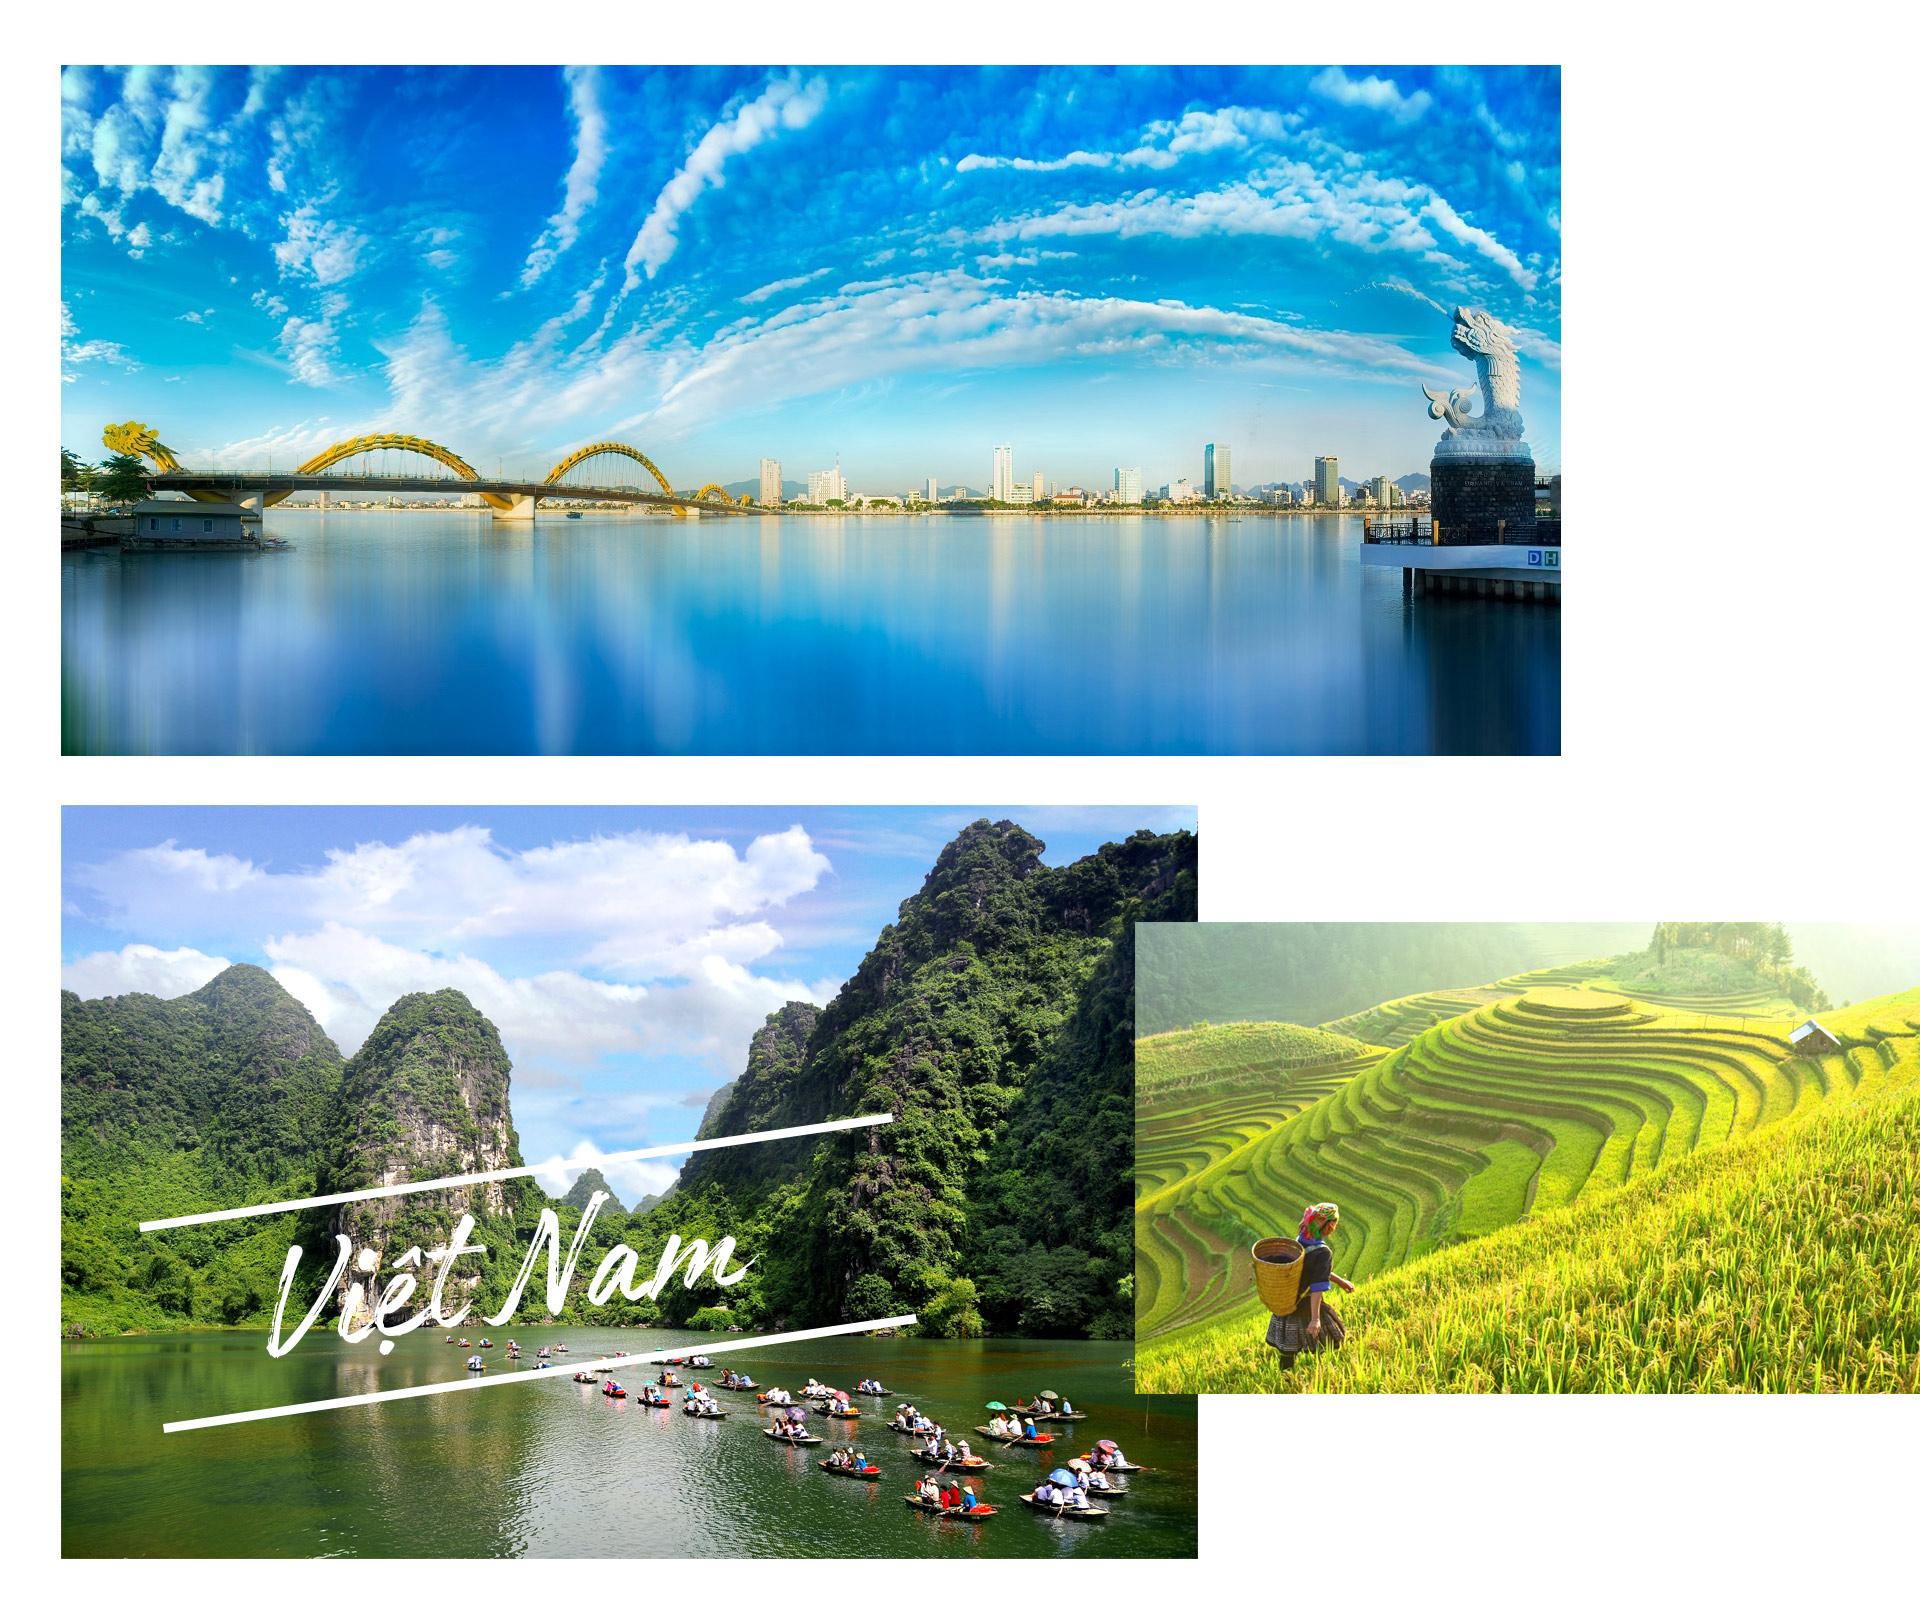 Những điểm đến mùa hè lung linh nhất Đông Nam Á, bạn không thể bỏ qua - 11